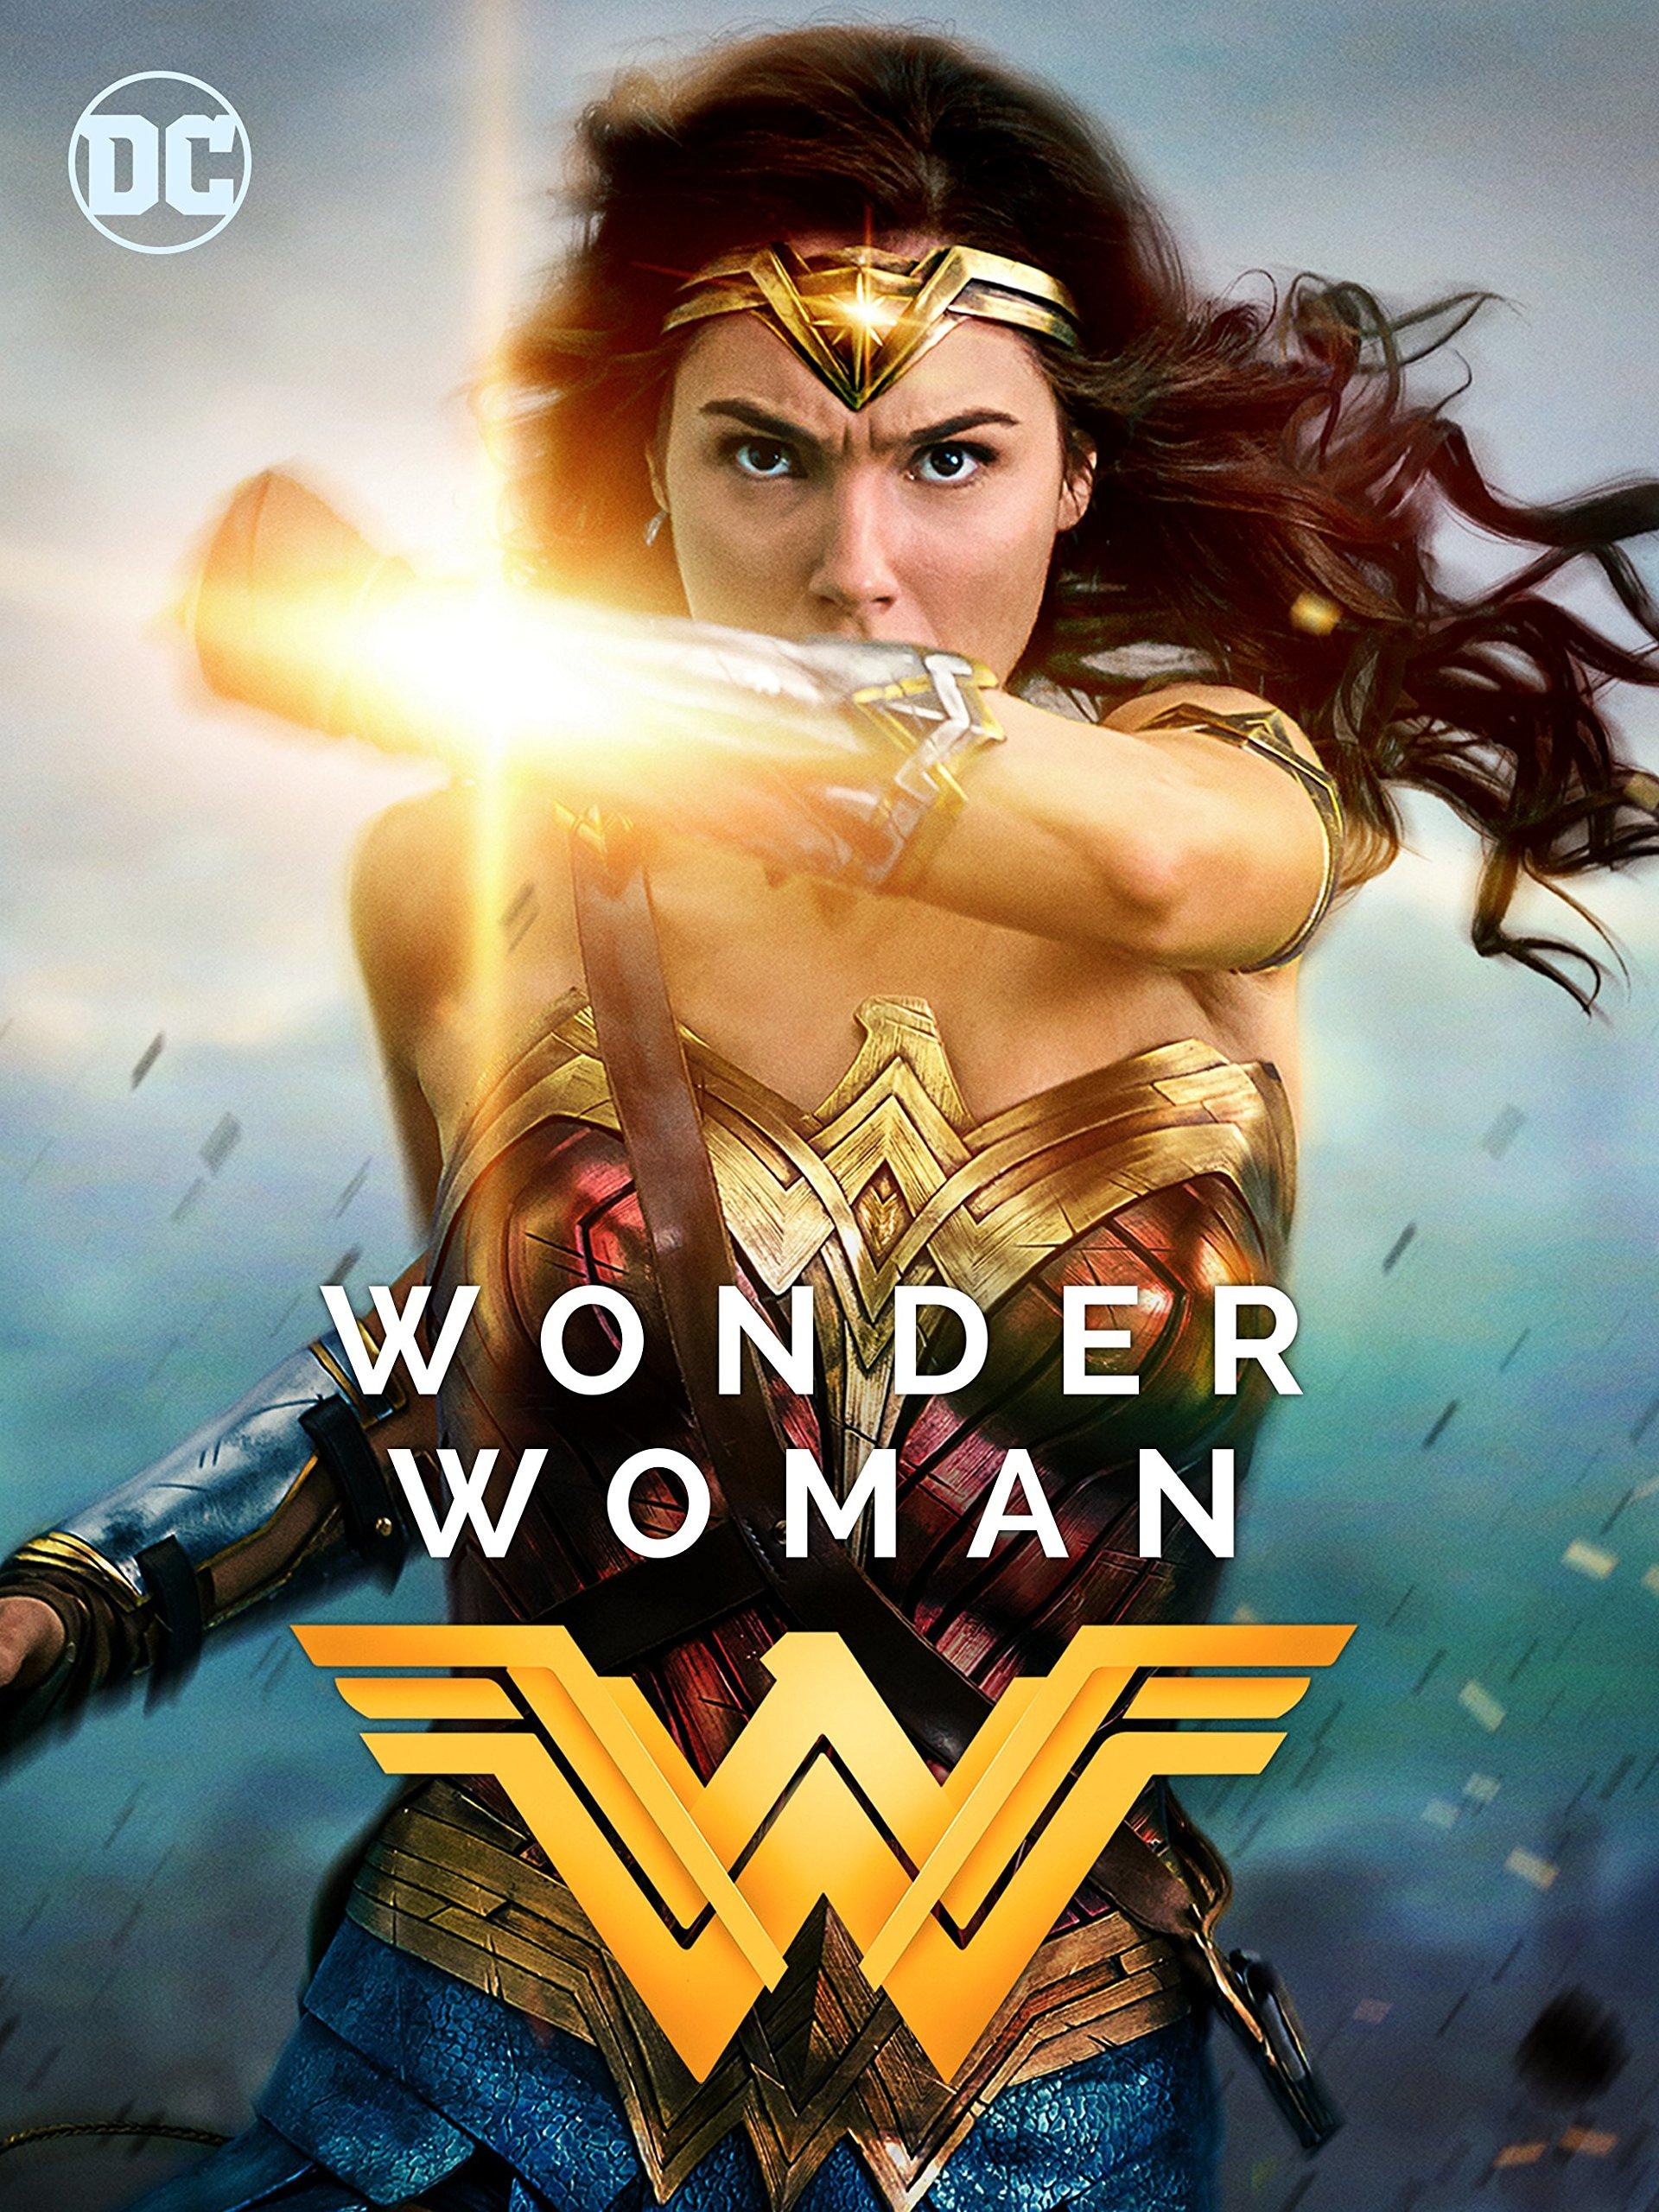 Noi Di I Wonder Eccezionale Woman Figura Giorni Tutti Donna O RxgAq